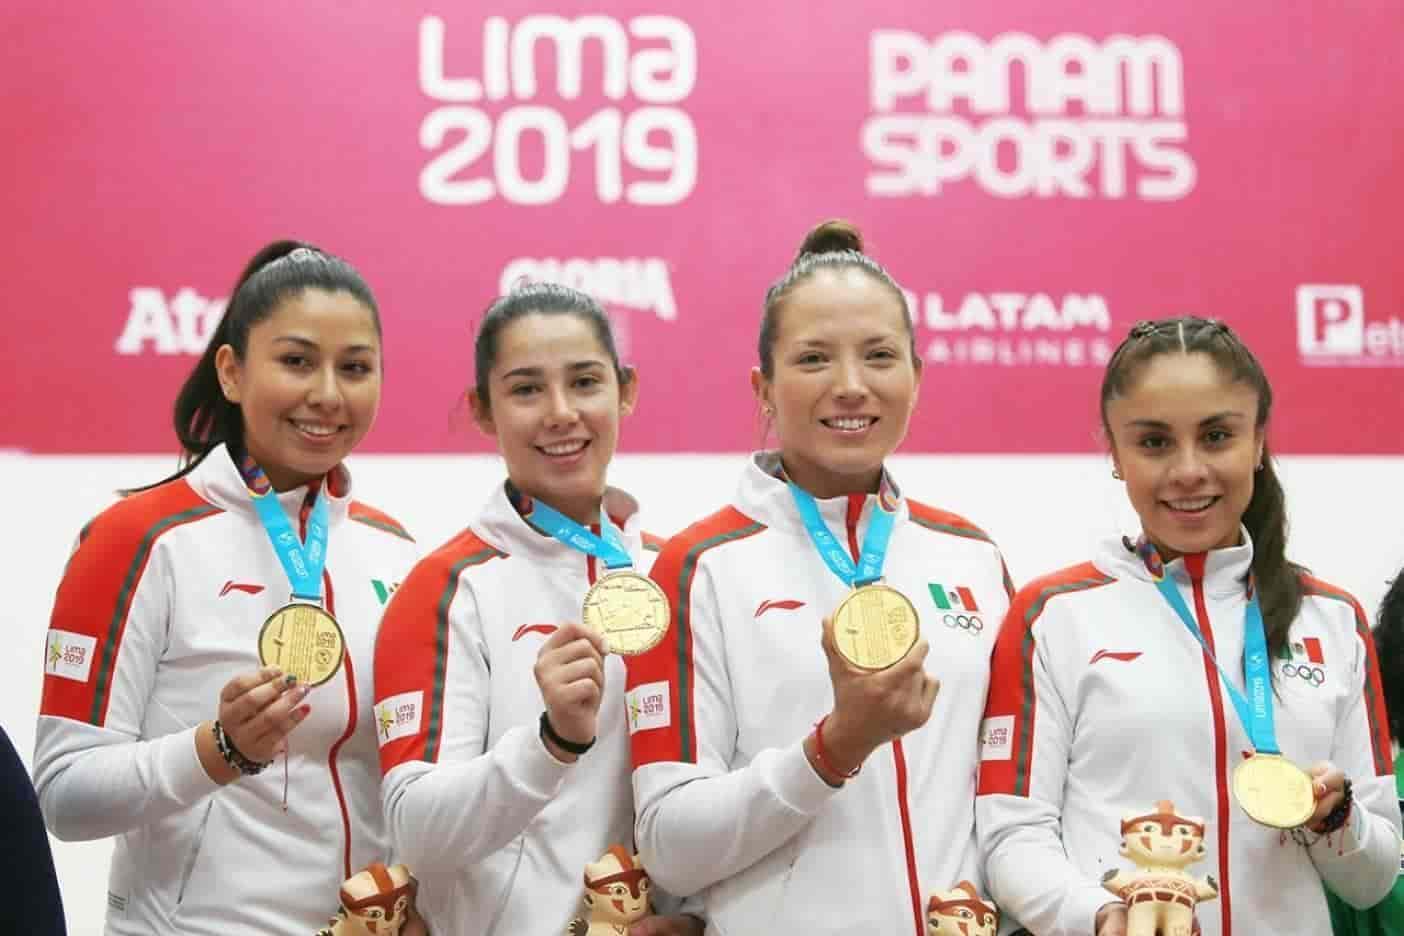 Los medallistas de oro mexicanos en los Juegos Panamericanos 2019